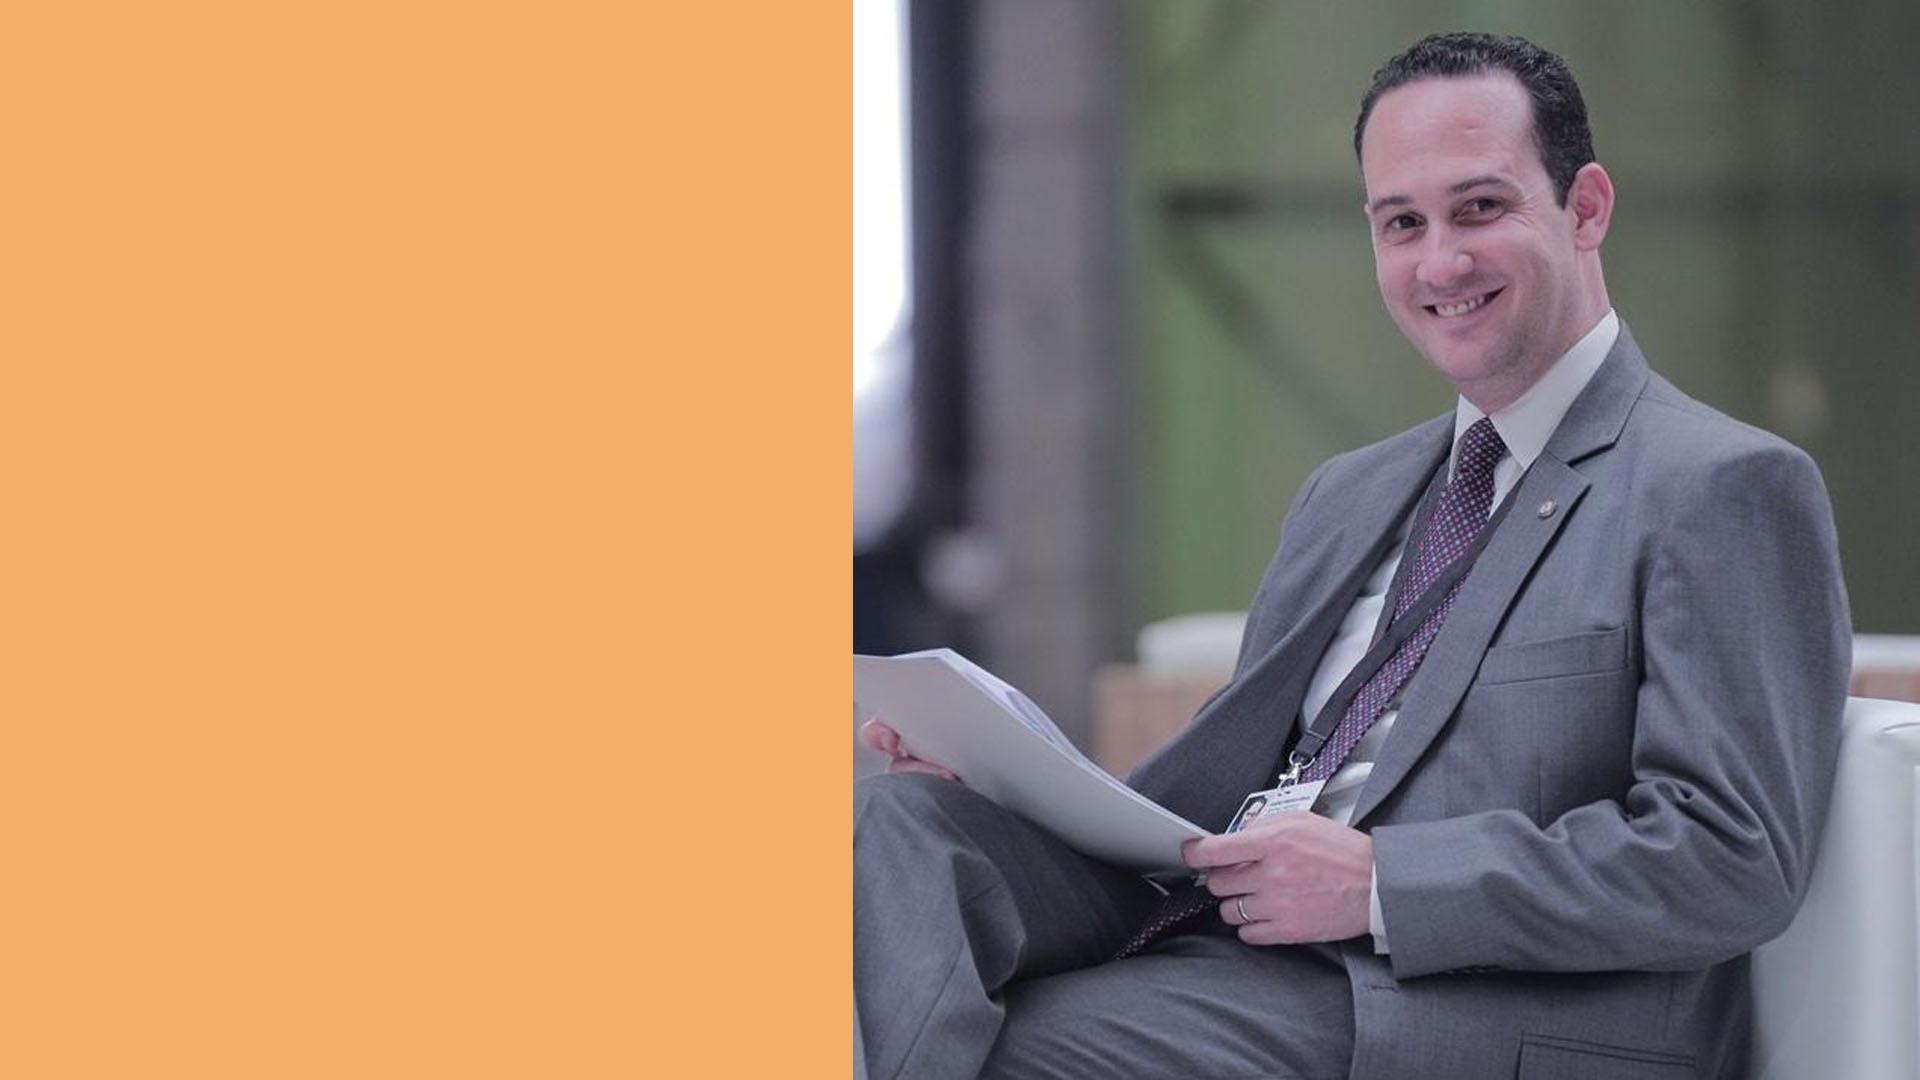 Entrevista a Alfredo Suárez Mieses, secretario general de la Secretaría de Integración Social Centroamericana